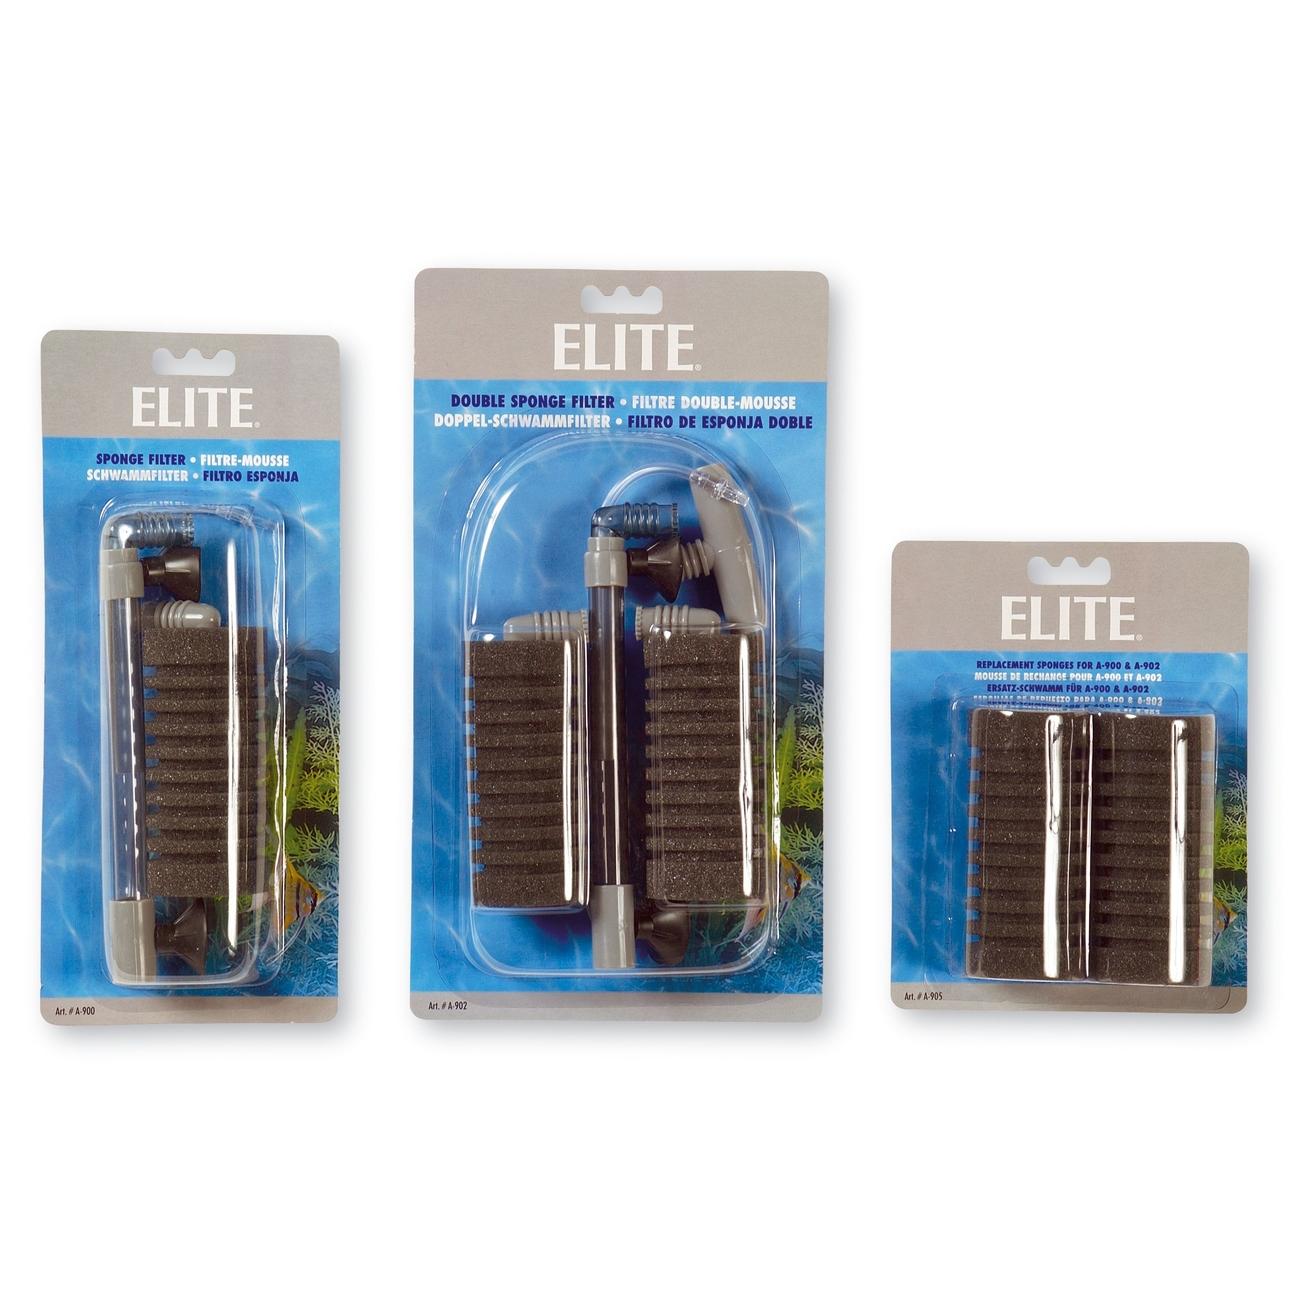 Hagen Elite Schwammfilter, Doppel-Schwammfilter auf Karte - 22 x 4,7 x 12,5 cm